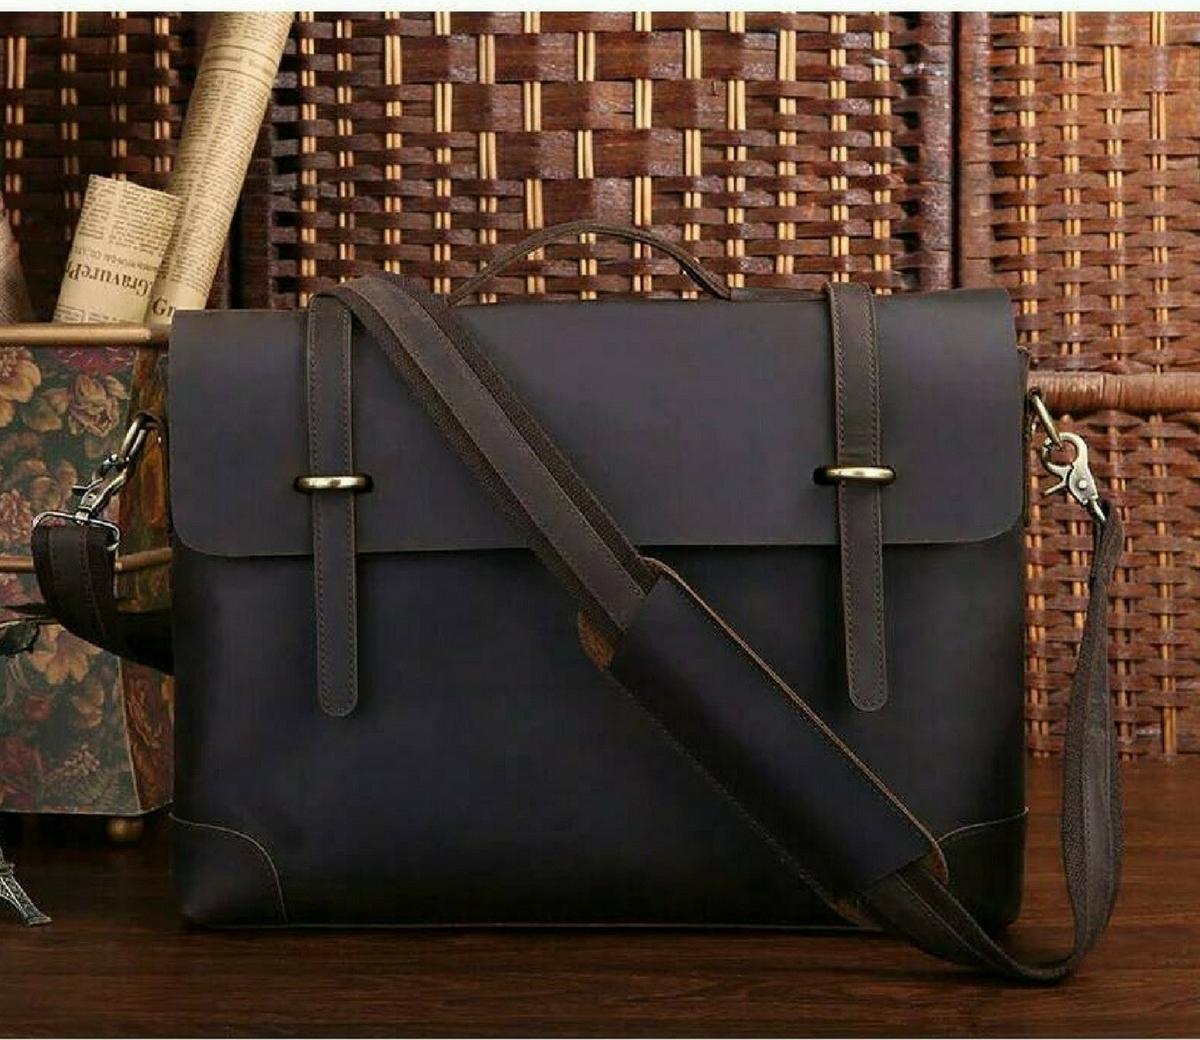 กระเป๋าสะพายข้าง กระเป๋าถือ ทรง MESSENGER หนัง CRAZY HORSE(นูบัค) เหมาะสำหรับนักธุรกิจและสาขาอาชีพต่างๆ